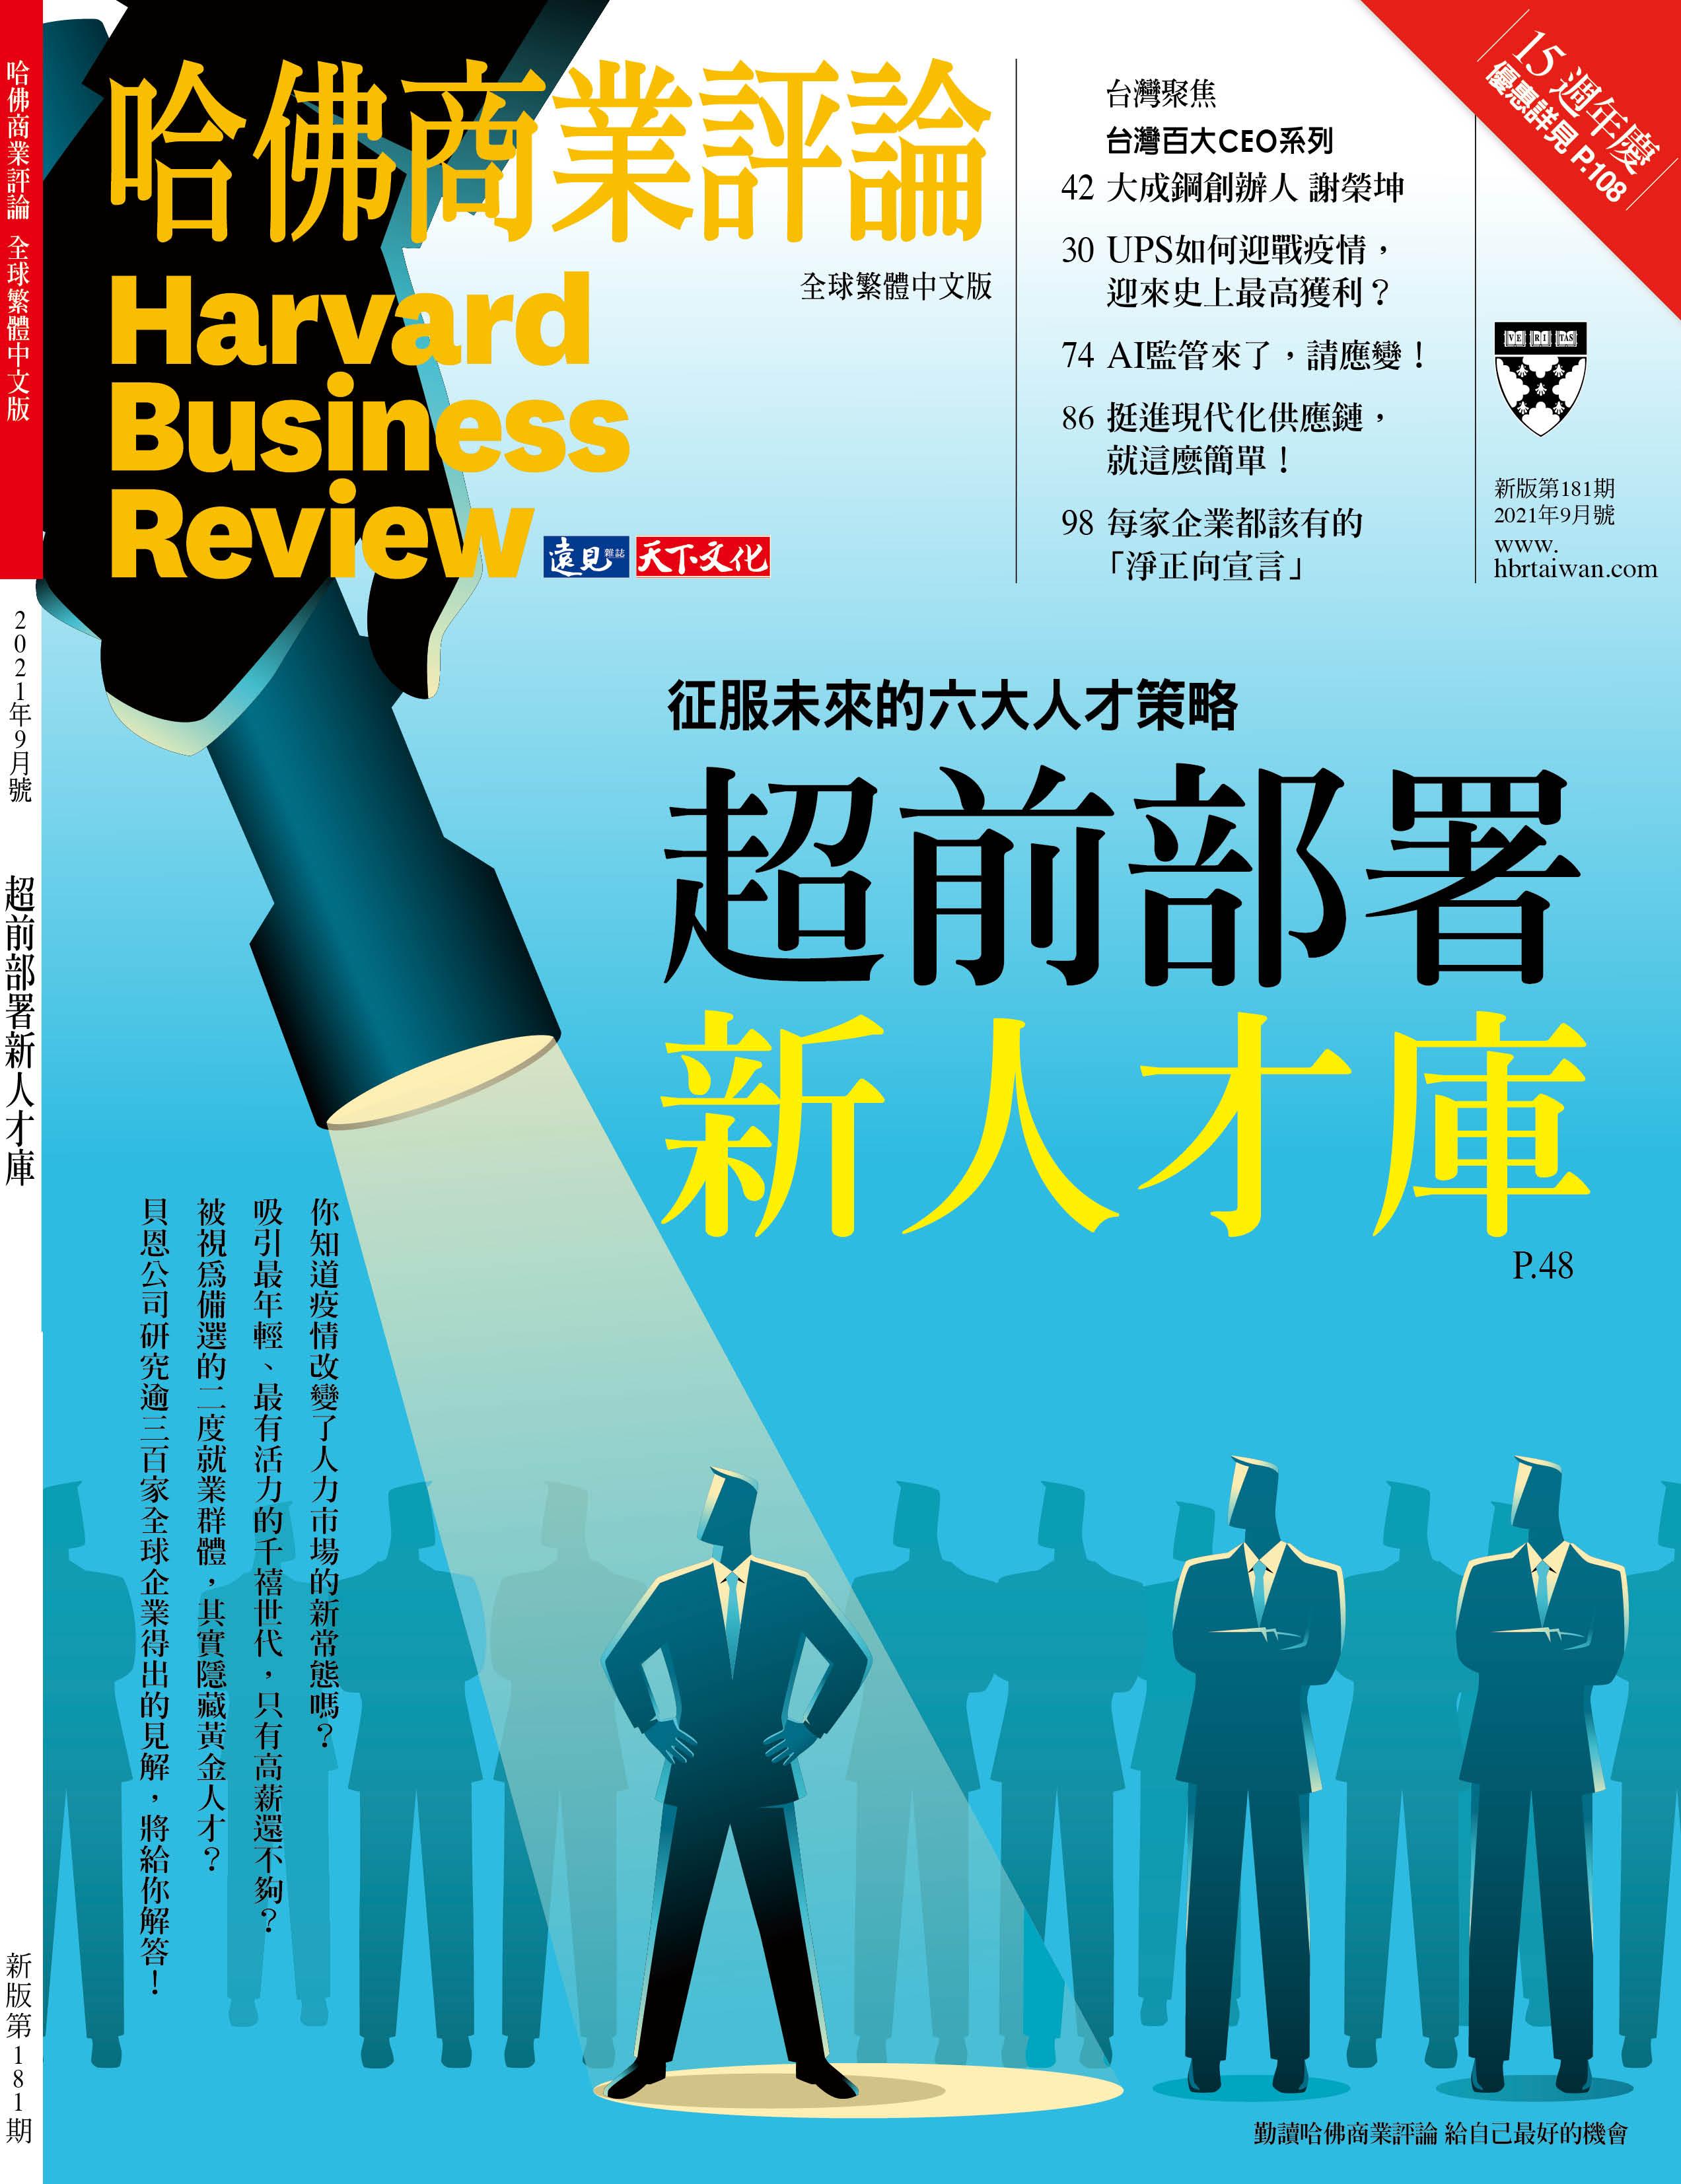 181 cover.jpg